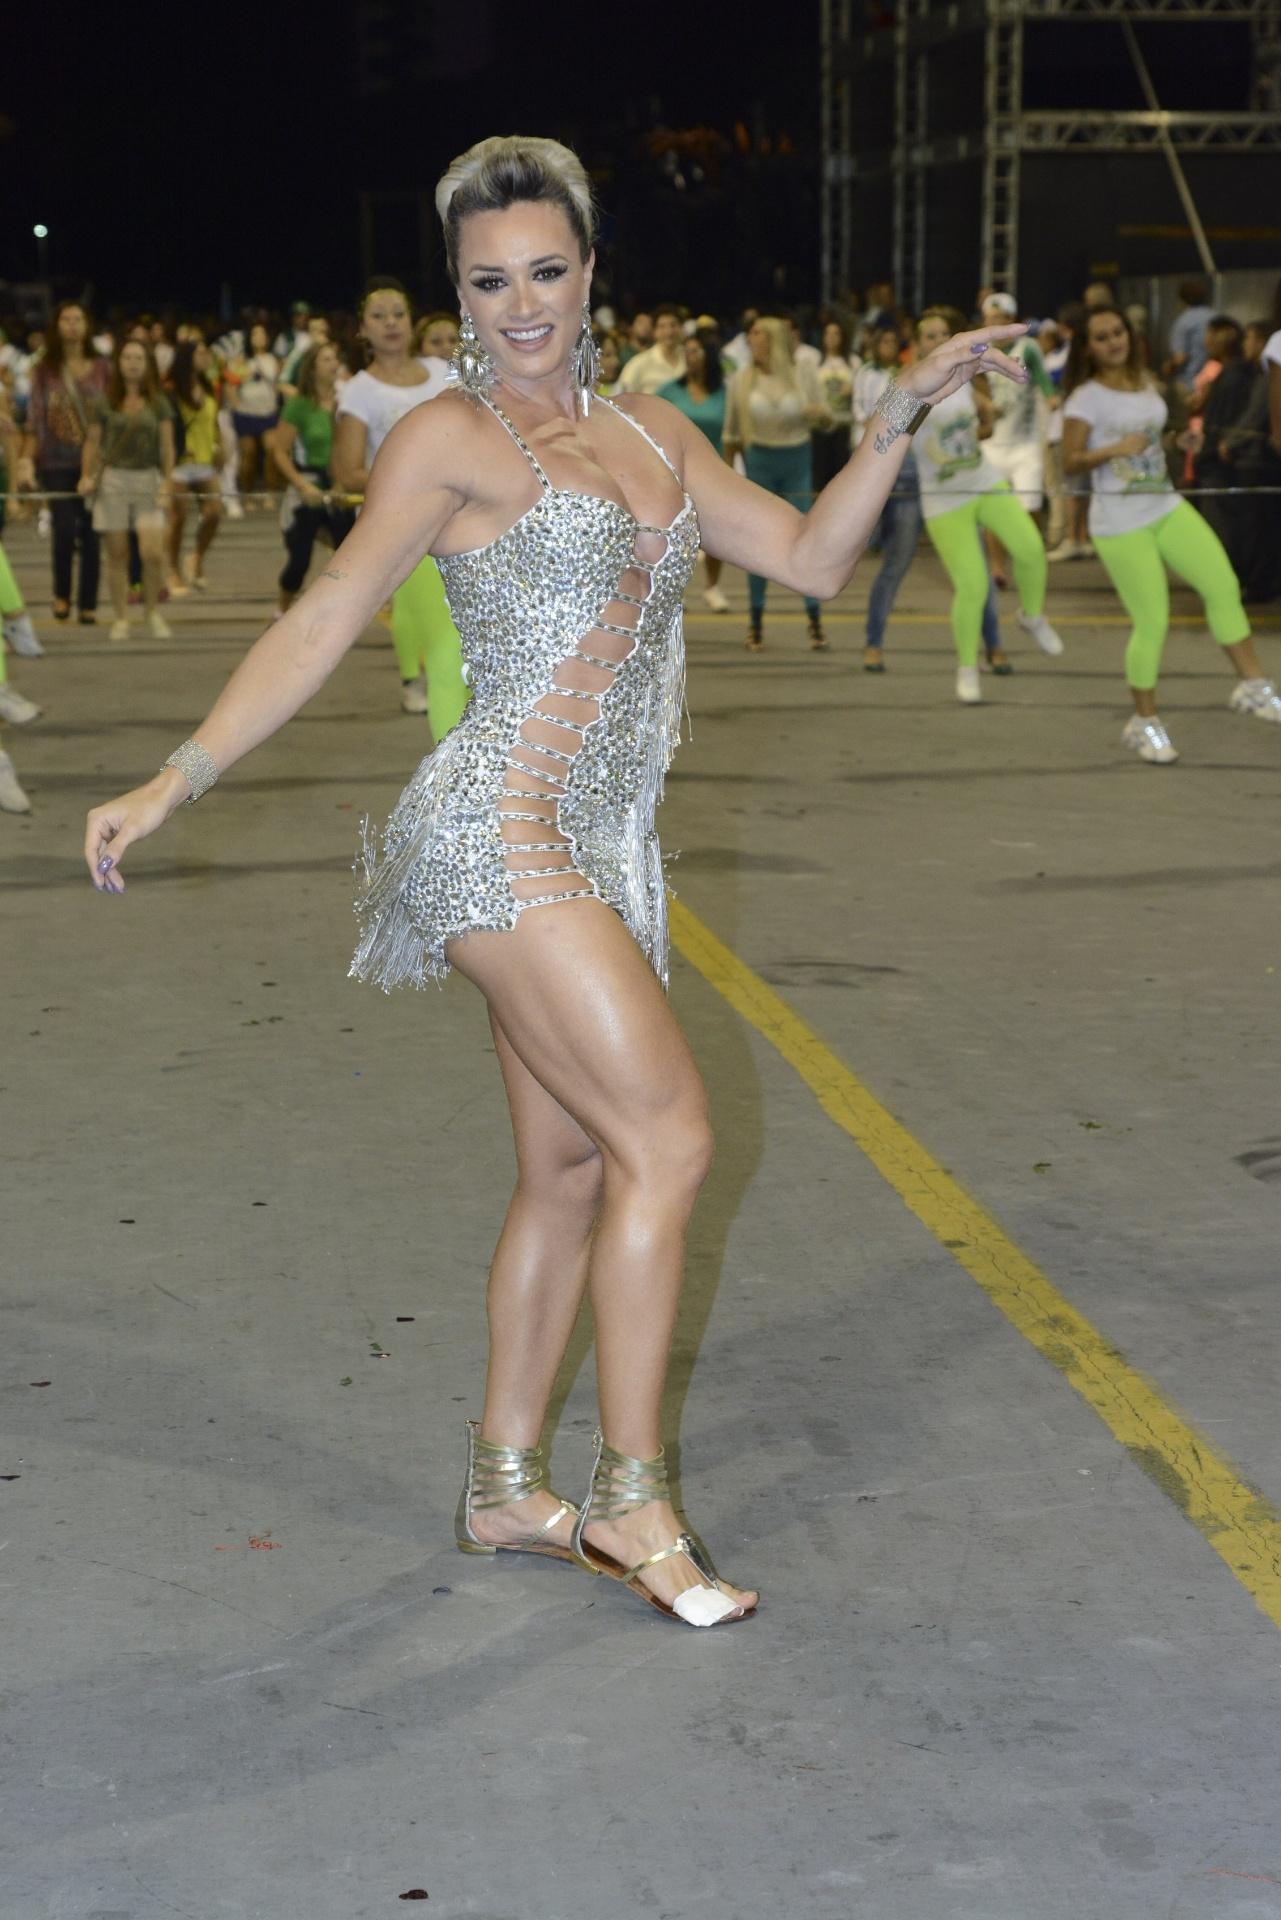 7.fev.2015 - A assistente de palco Juju Salimeni participou do último ensaio da Mancha Verde para o Carnaval de São Paulo com um vestido ousado. Enquanto mostrava estar pronta para o desfile no sambódromo do Anhembi, a gata deixou uma dúvida: será que ela estava sem calcinha?